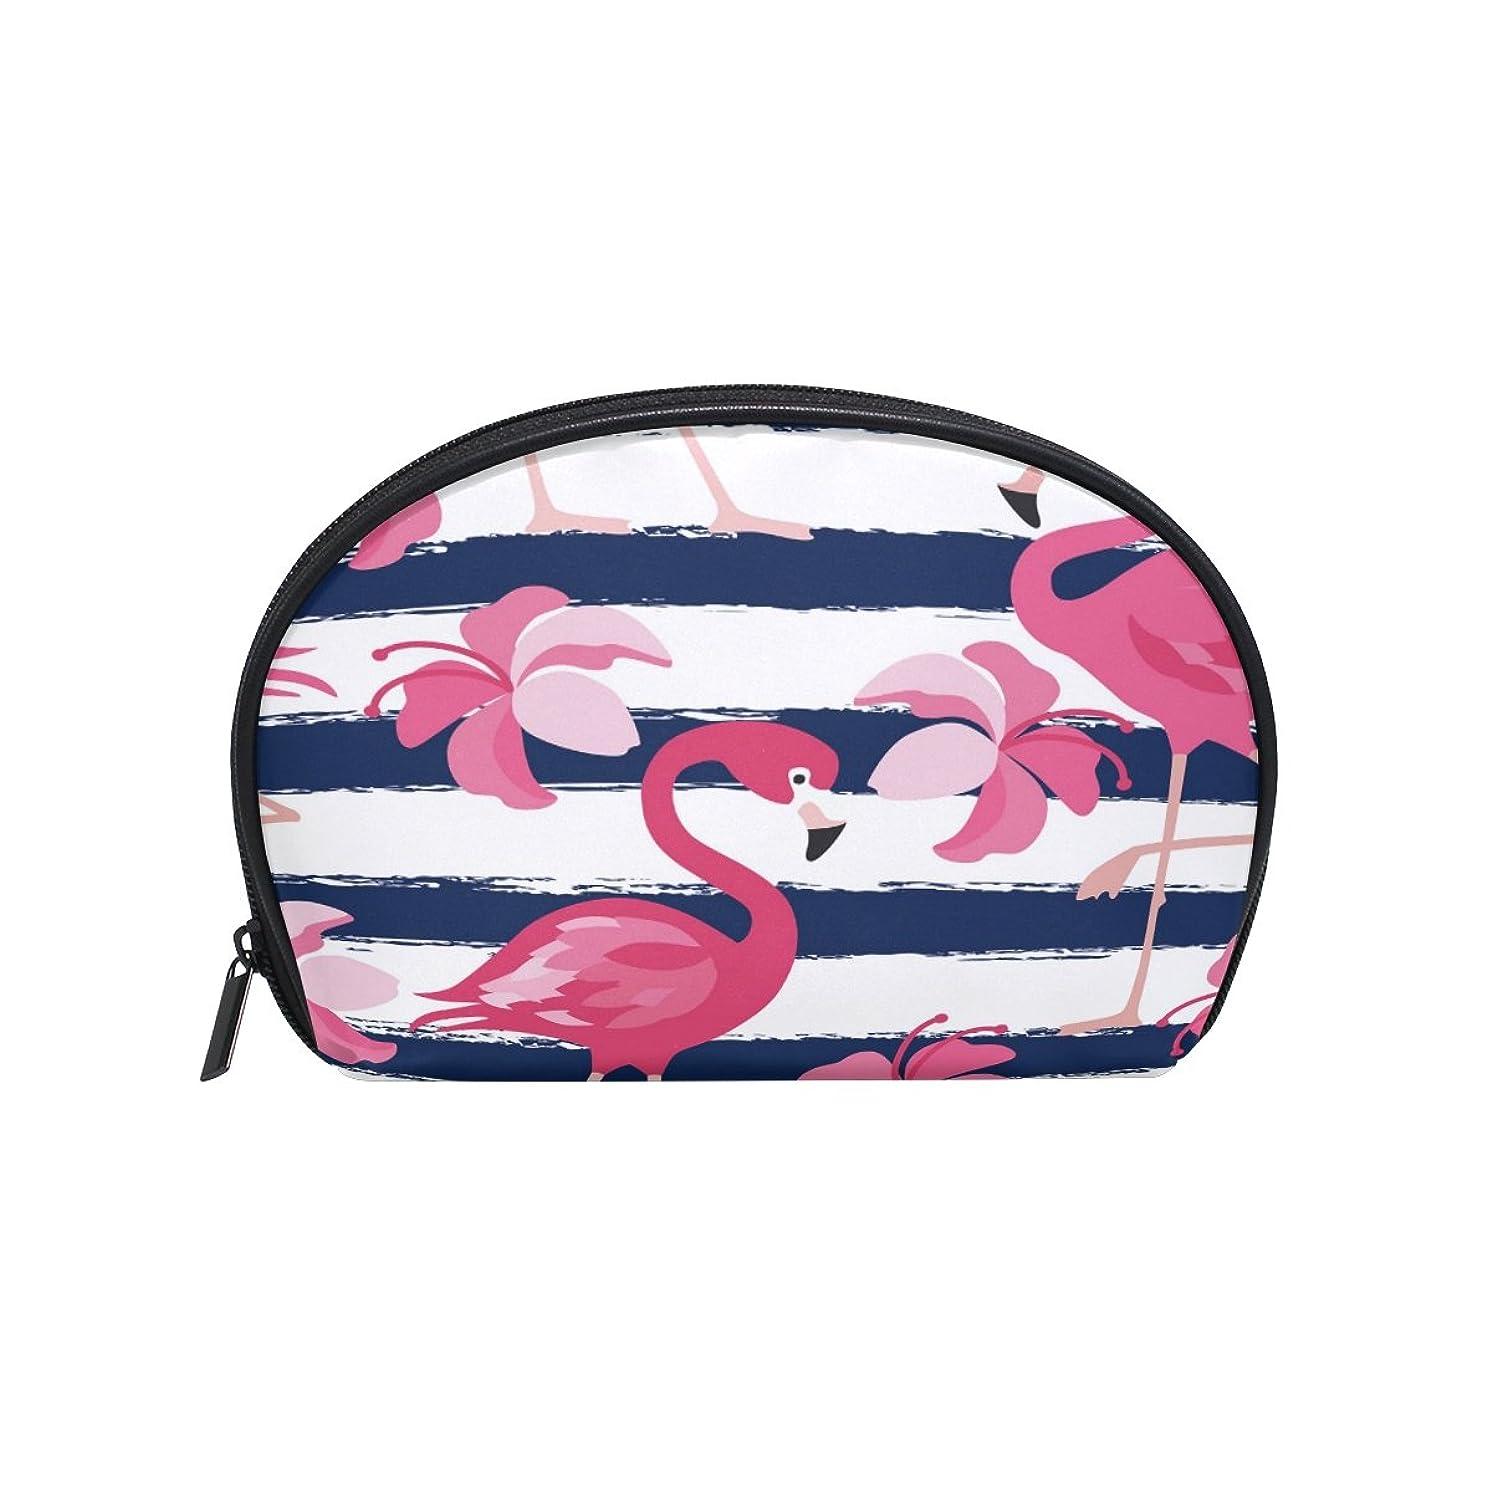 ガード無秩序朝の体操をするALAZA フラミンゴストライプ 半月 化粧品 メイク トイレタリーバッグ ポーチ 旅行ハンディ財布オーガナイザーバッグ